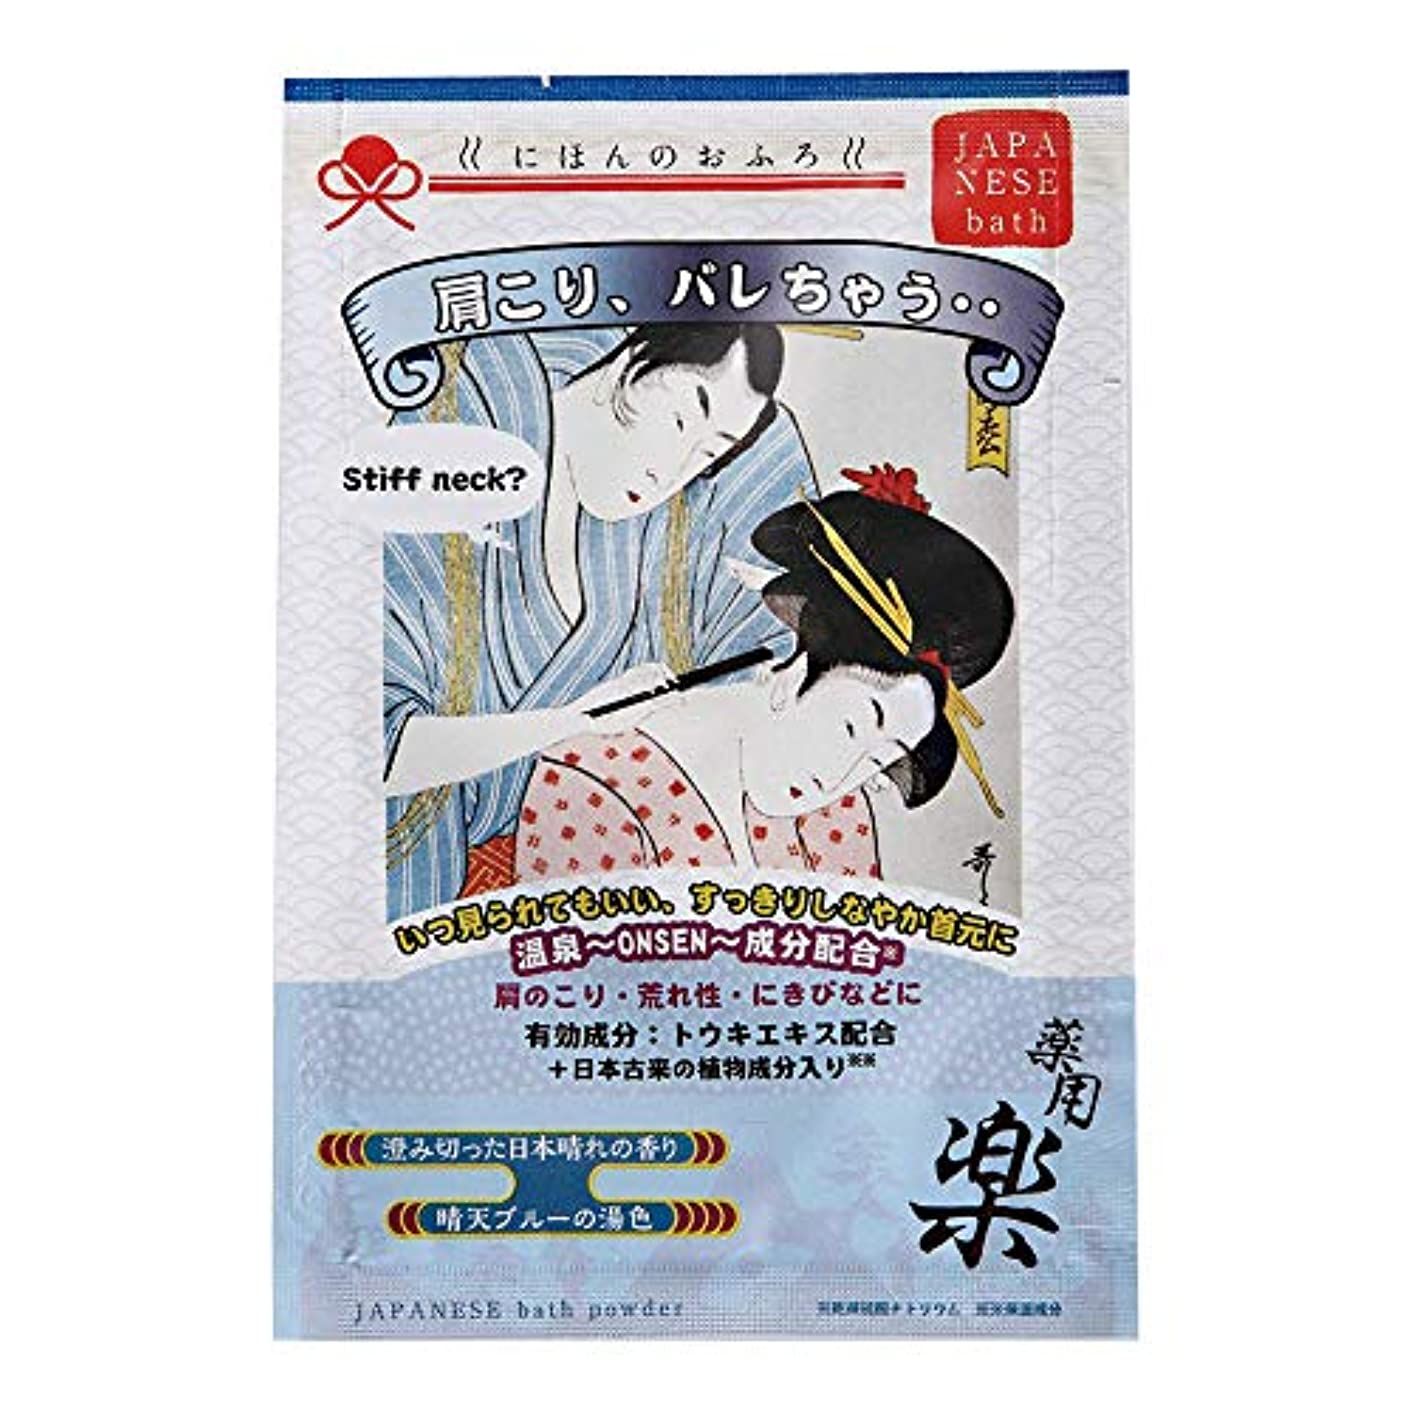 無条件ベルベット地殻にほんのおふろ 肩こり、バレちゃう?? 澄み切った日本晴れの香り 25g